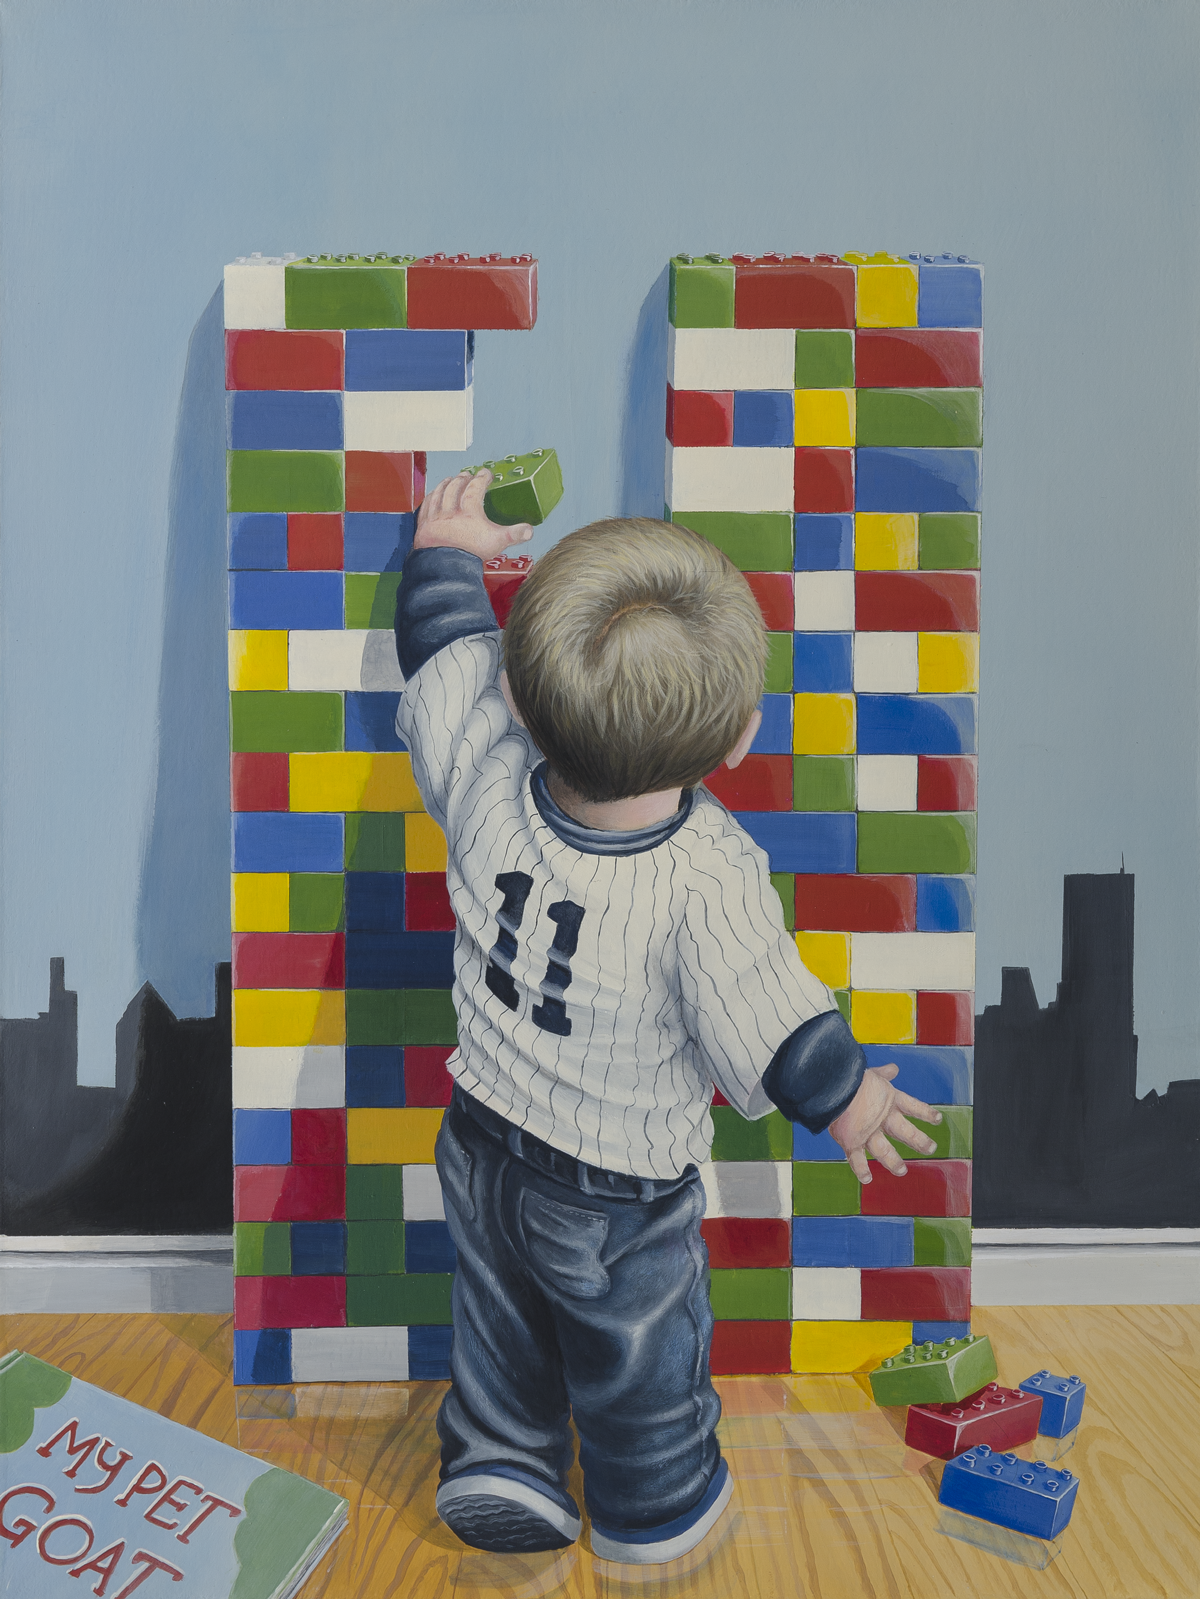 2014_Innocence-9_11_acrylics_canvas_cm60x80_sold